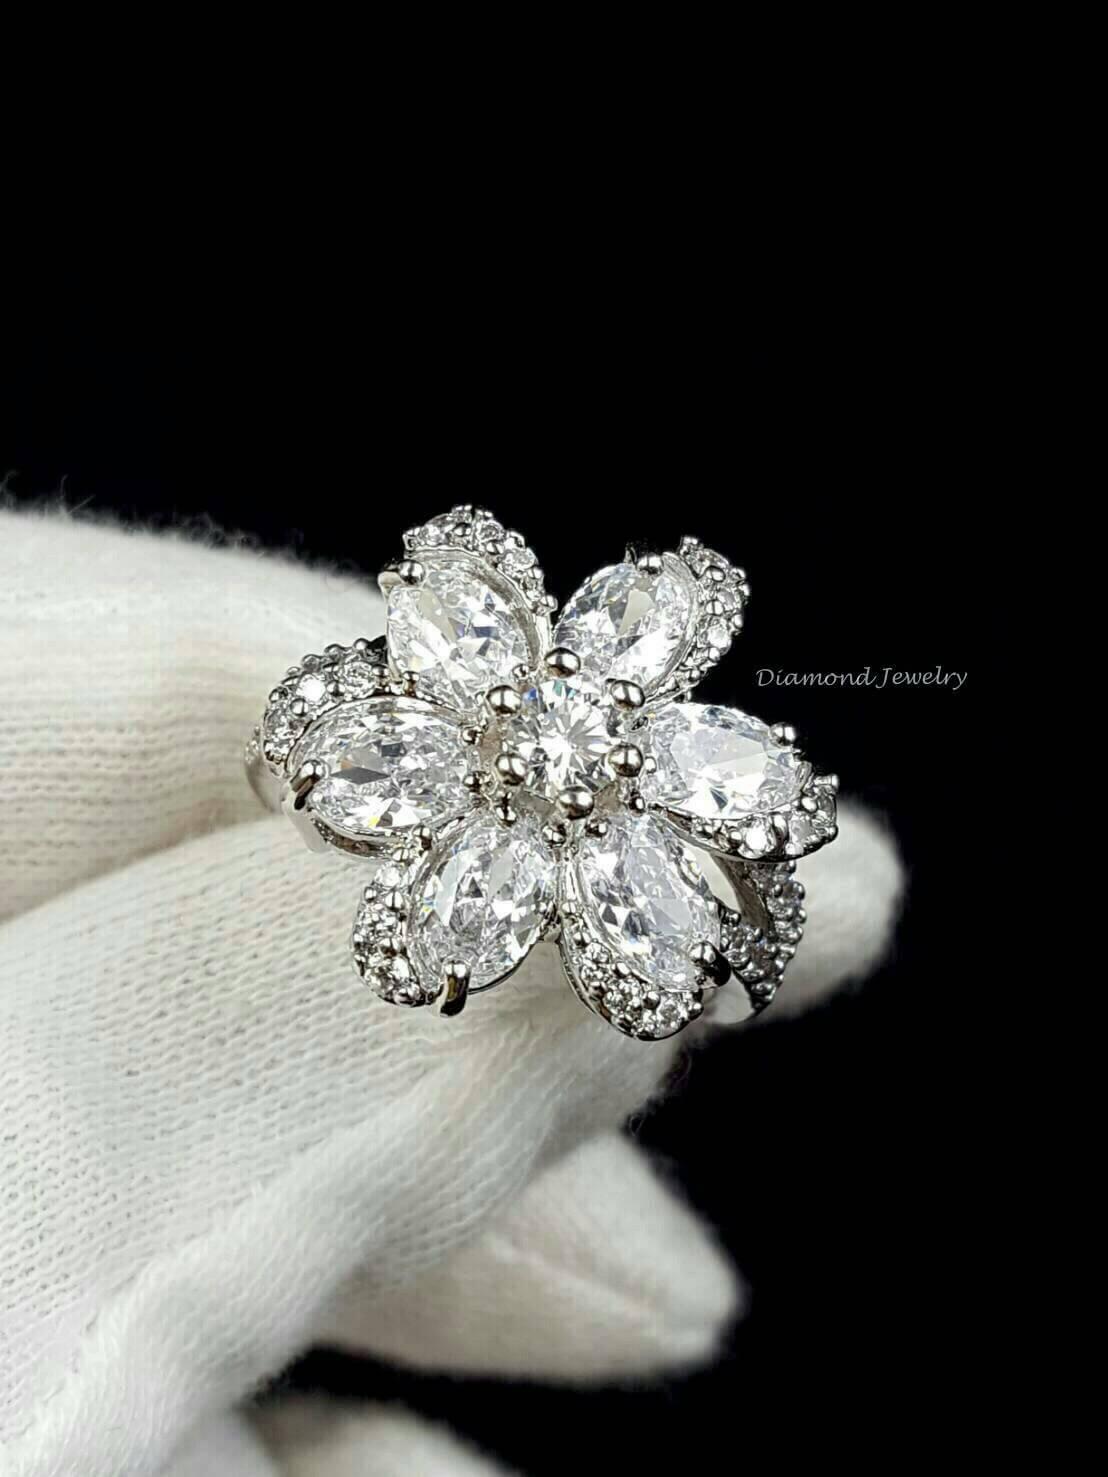 พร้อมส่ง Bvlgari Ring แหวน Bvlgari ทรงดอกไม้